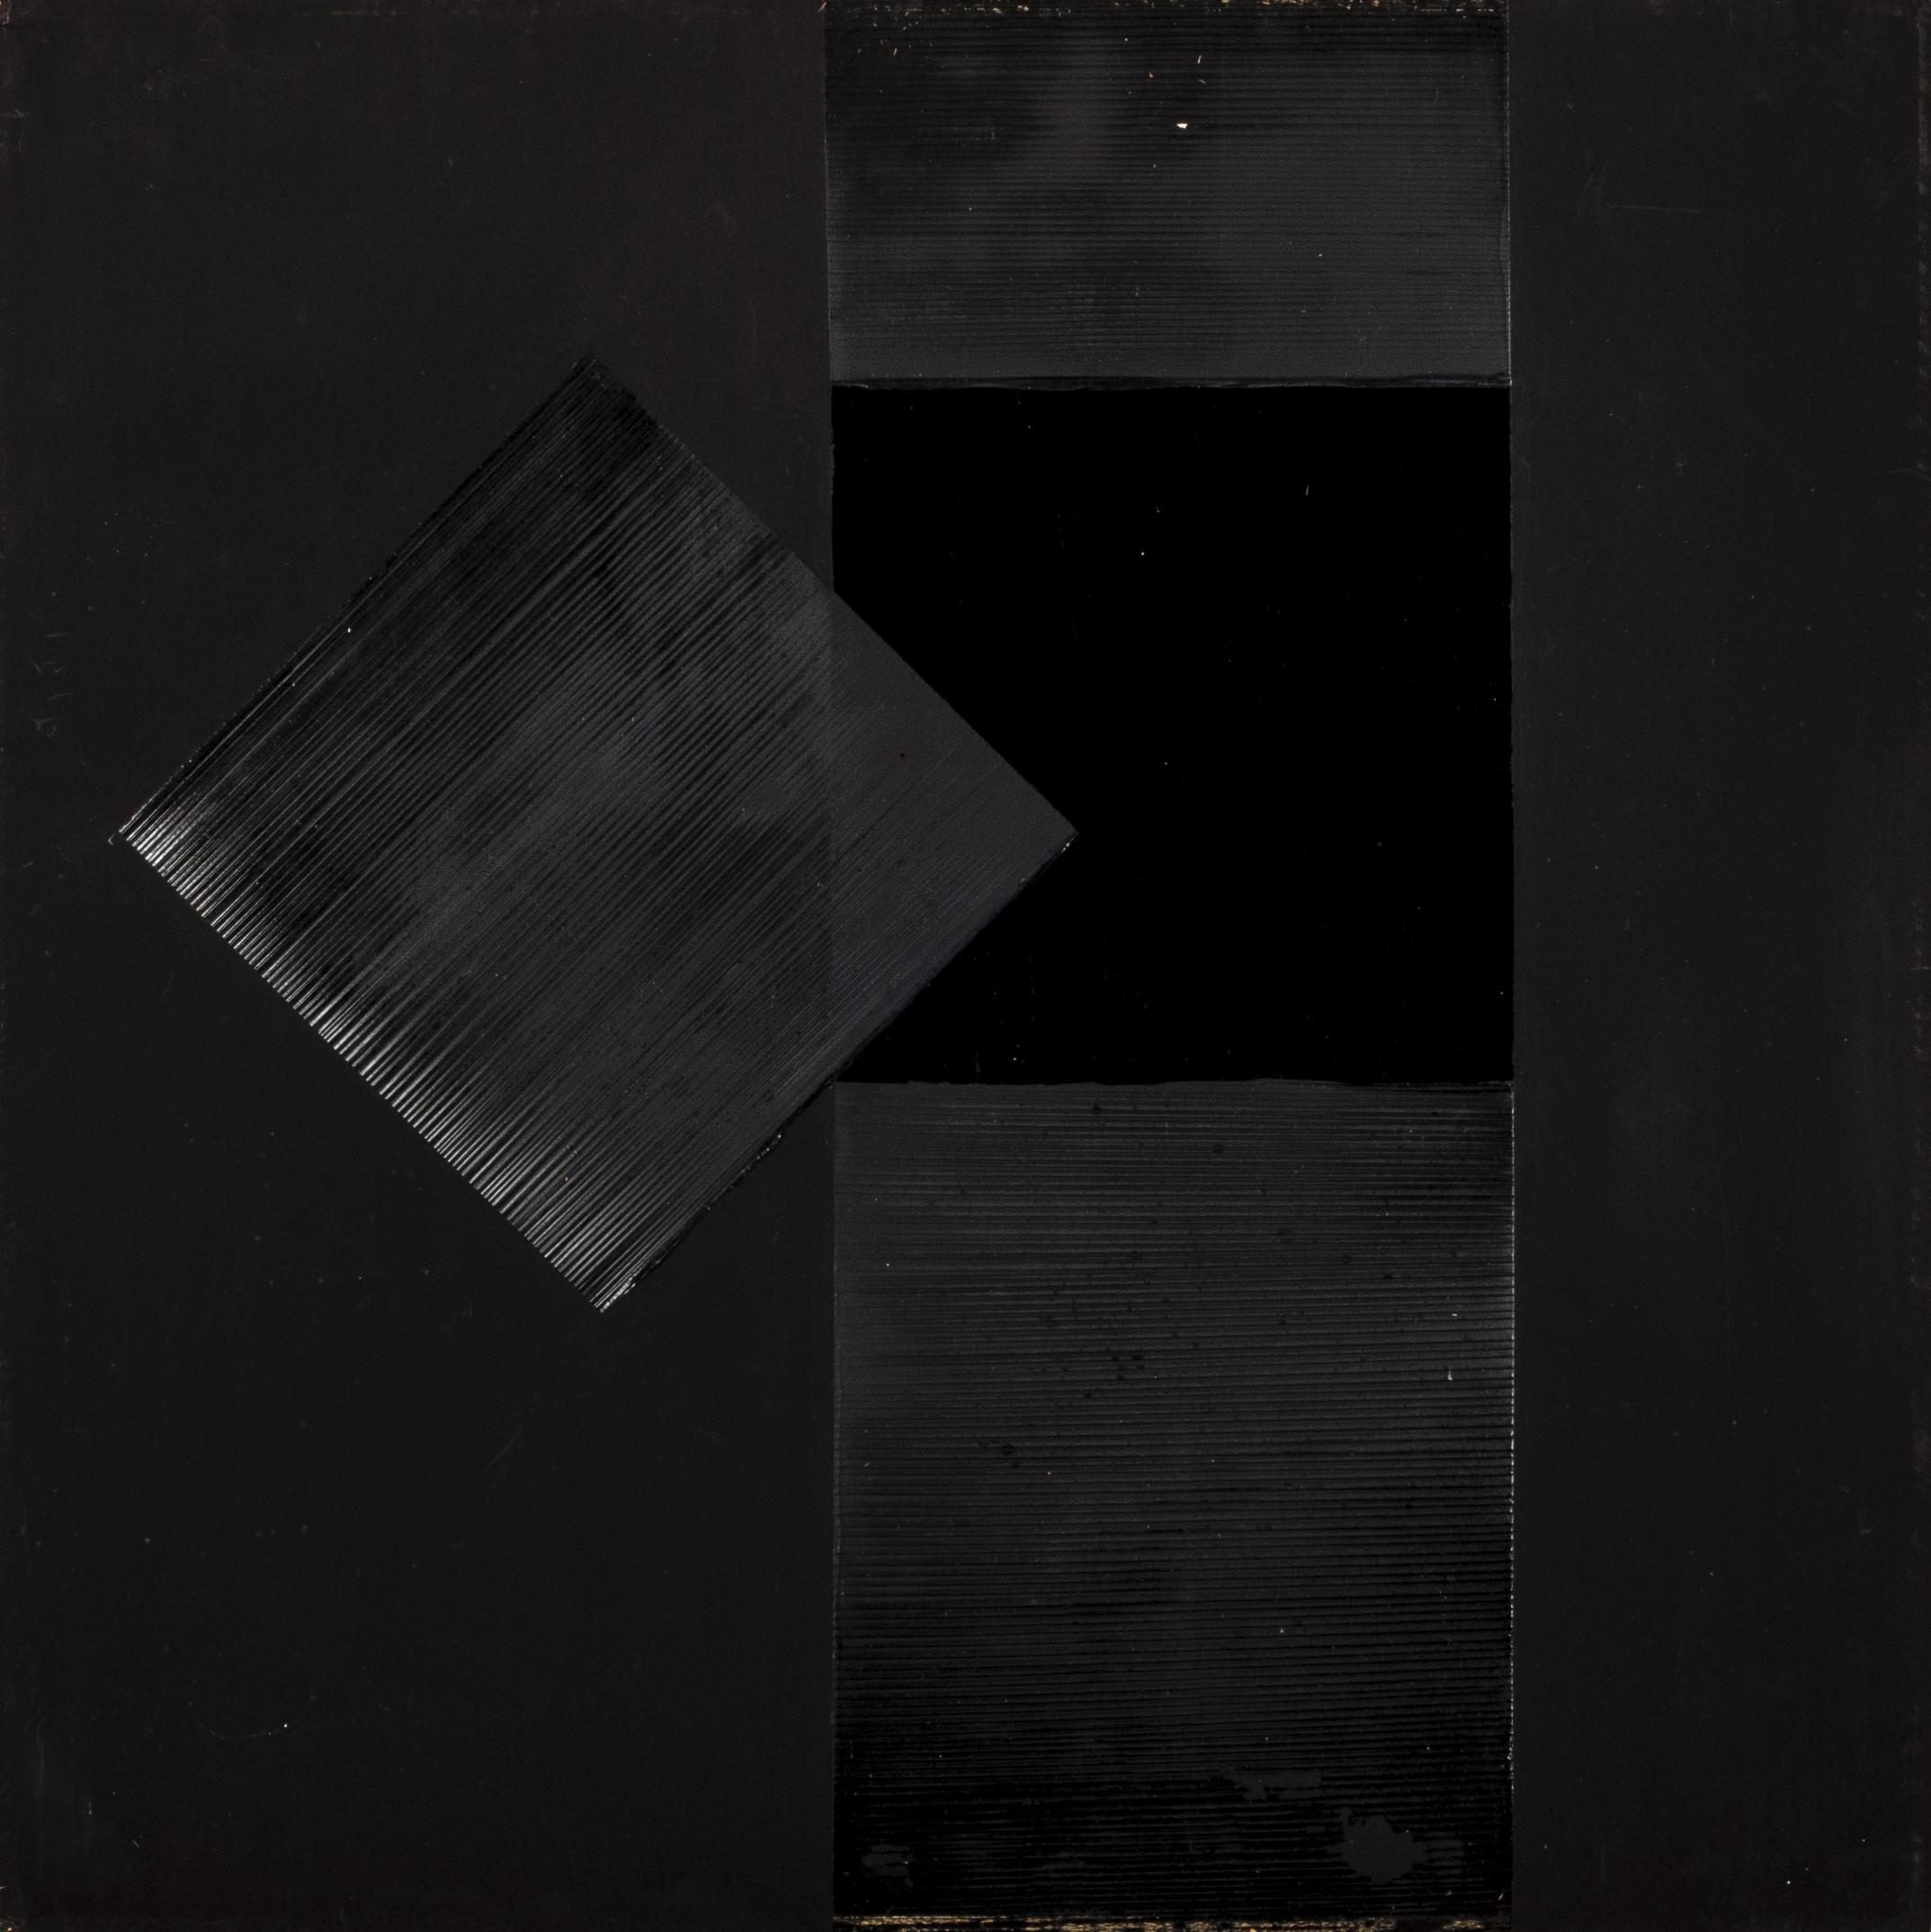 Vincentiu Grigorescu - Apertura del Quadrato, 1970, oil on cardboard,68 x 68 cm